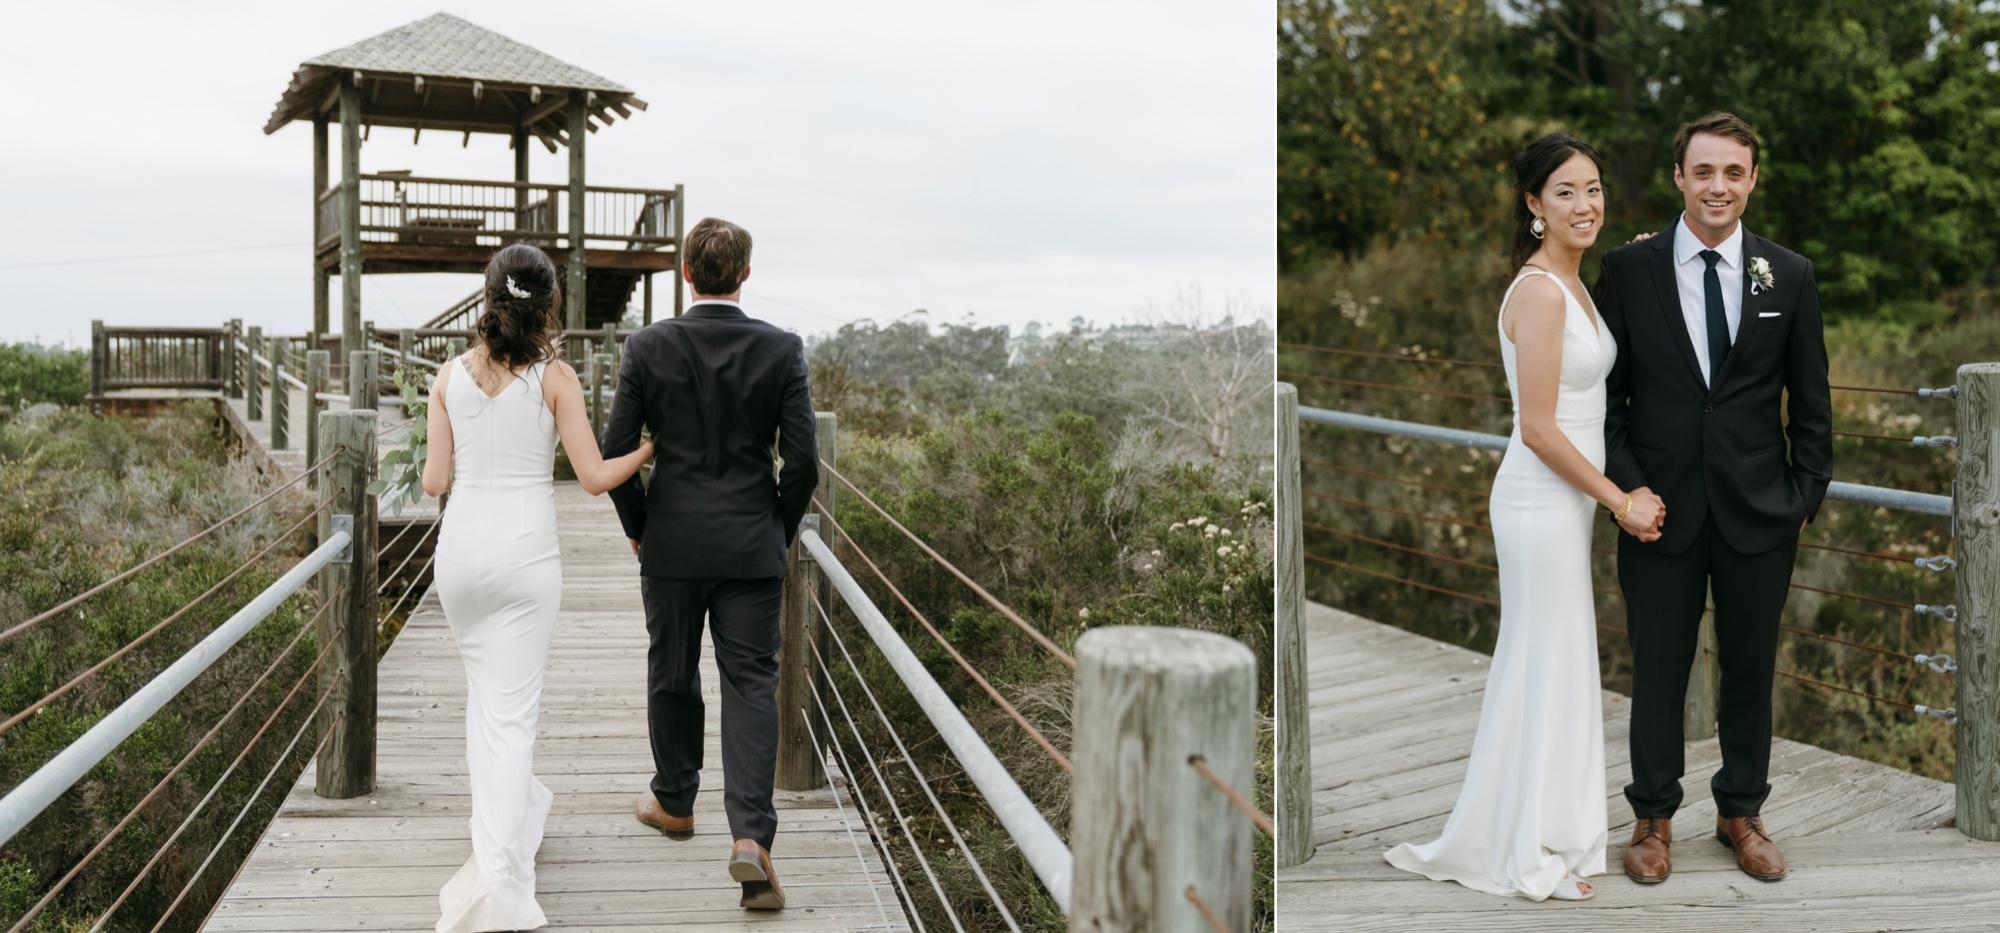 086_Shawna and Steve's Wedding-538_Shawna and Steve's Wedding-543.jpg